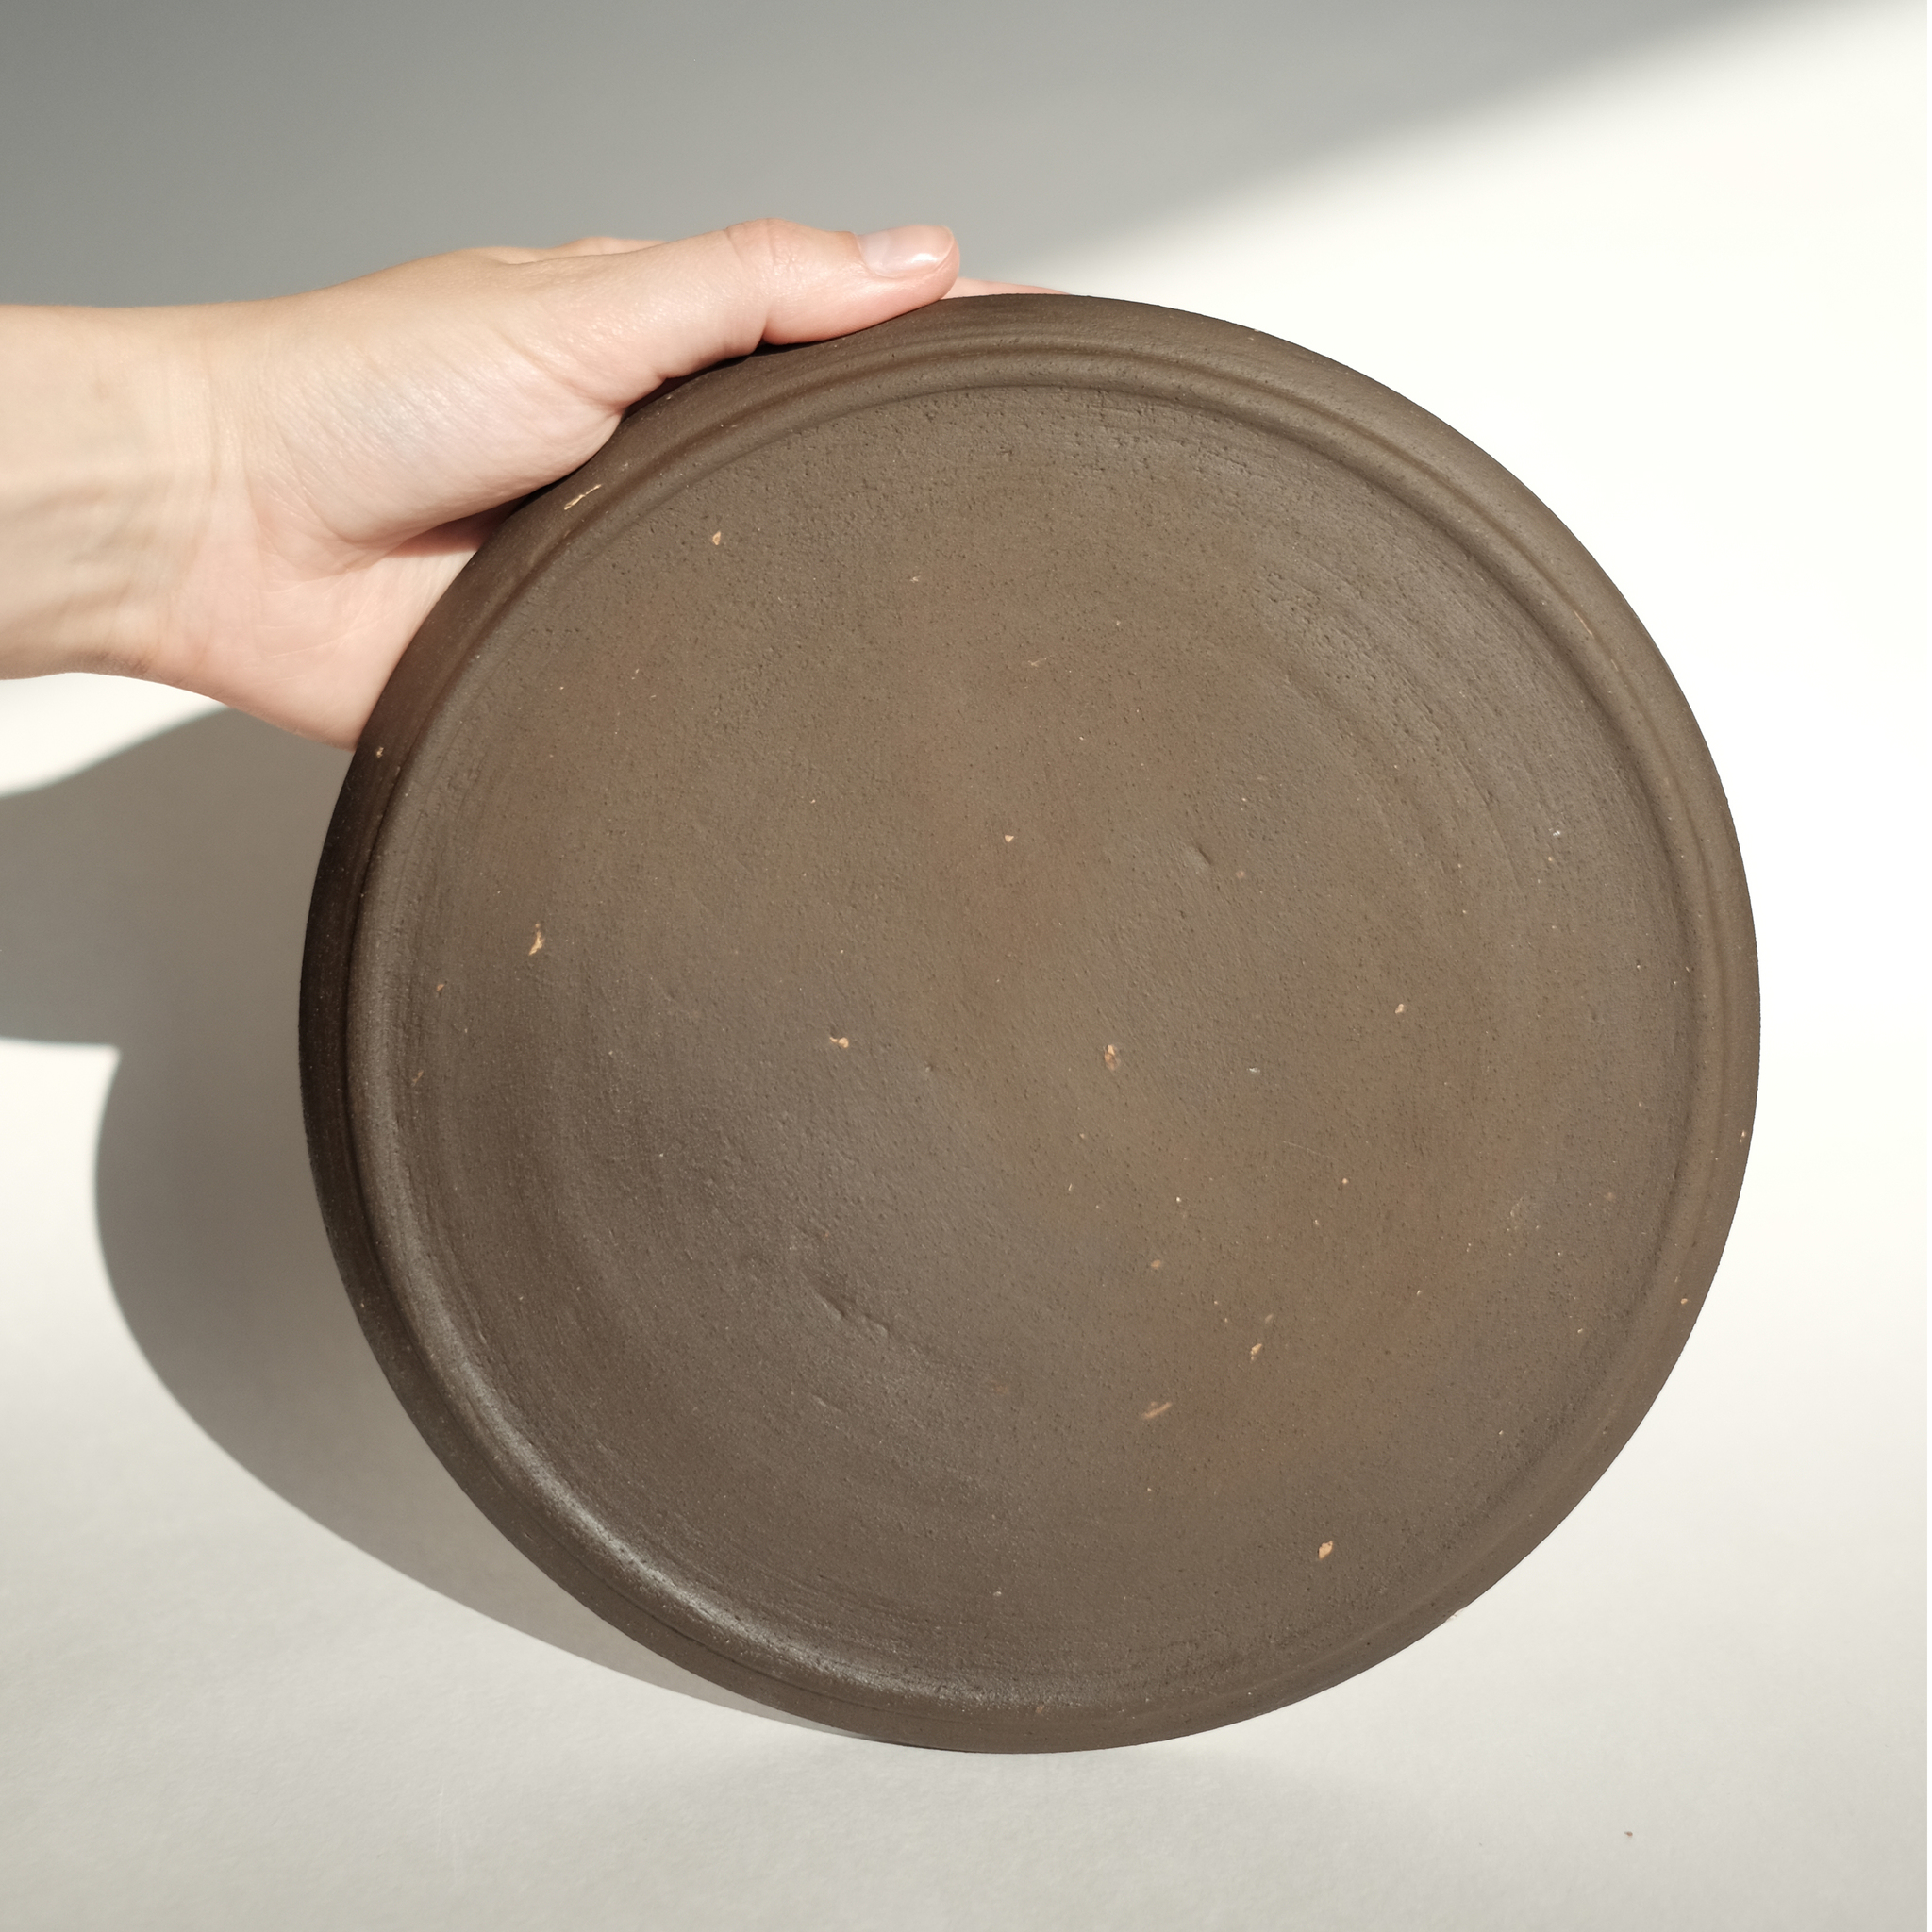 тарелка из черной немецкой глины сделанная вручную